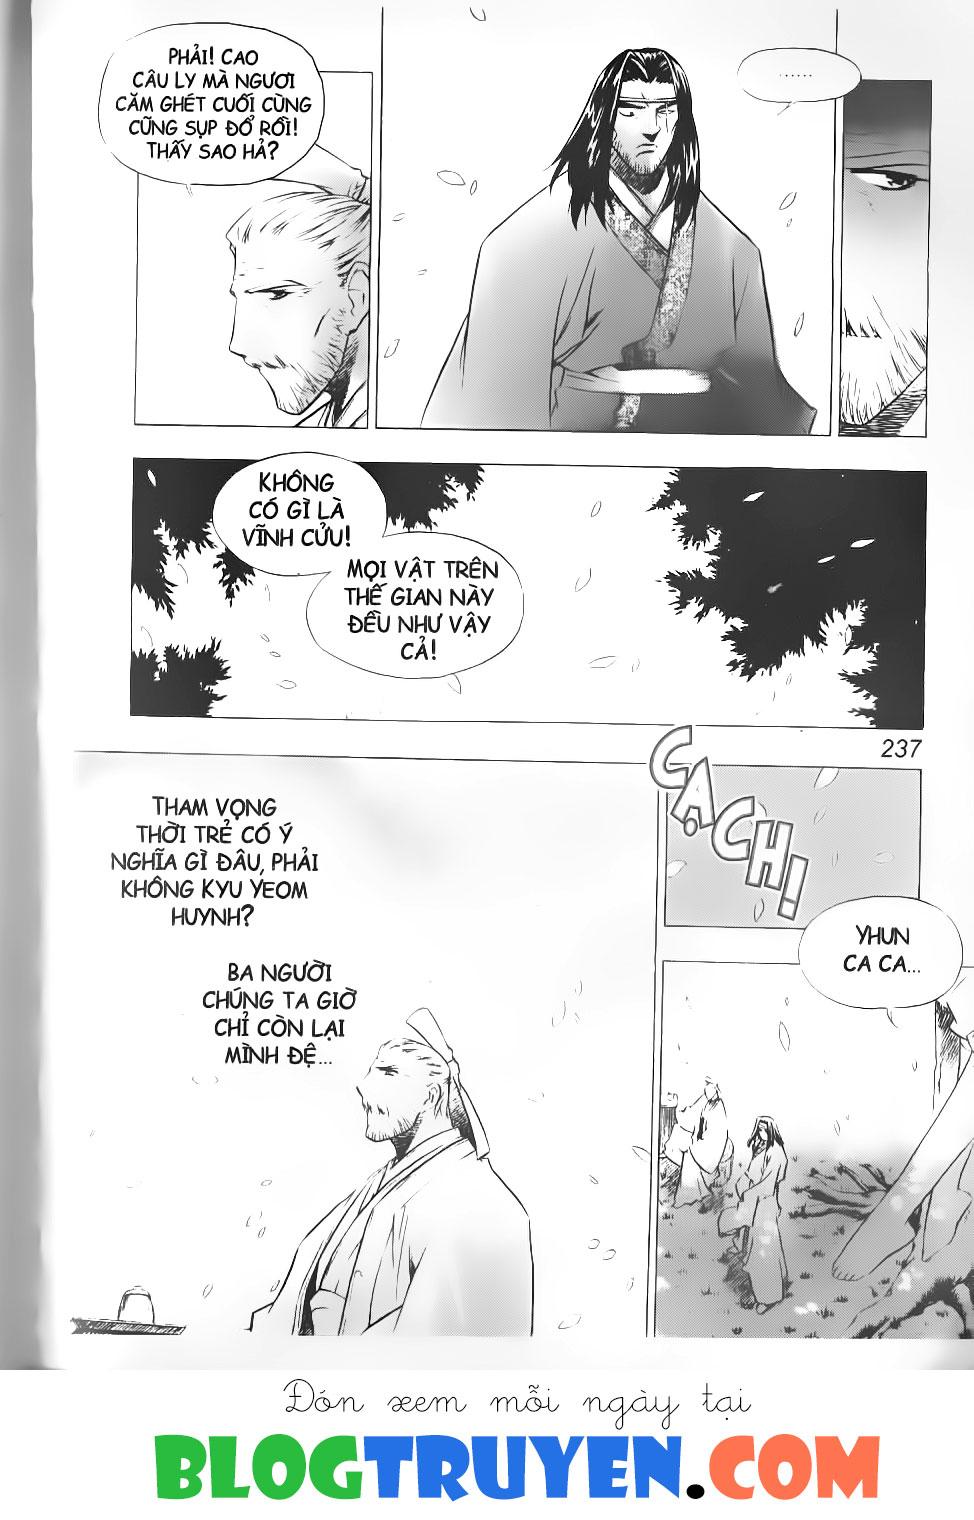 Thiên Lang Liệt Truyện chap 123 – Kết thúc Trang 6 - Mangak.info